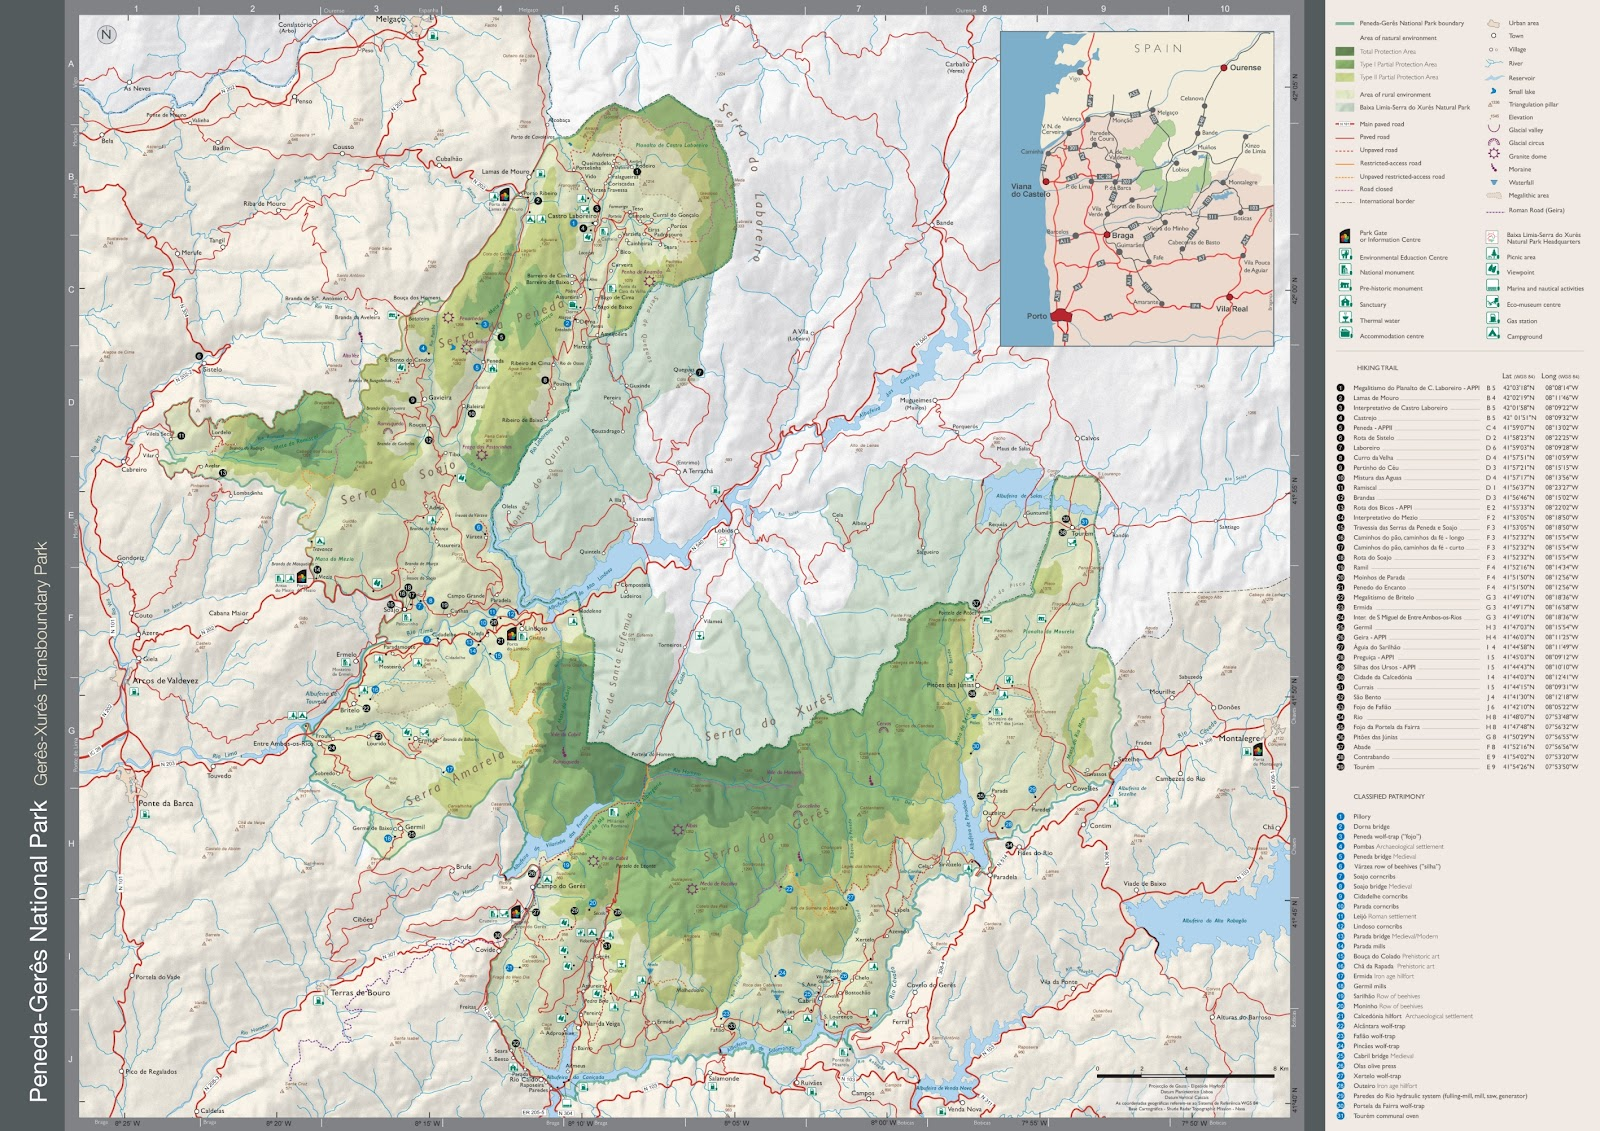 PNPG - map ingles 2834-2004 pxl.jpg